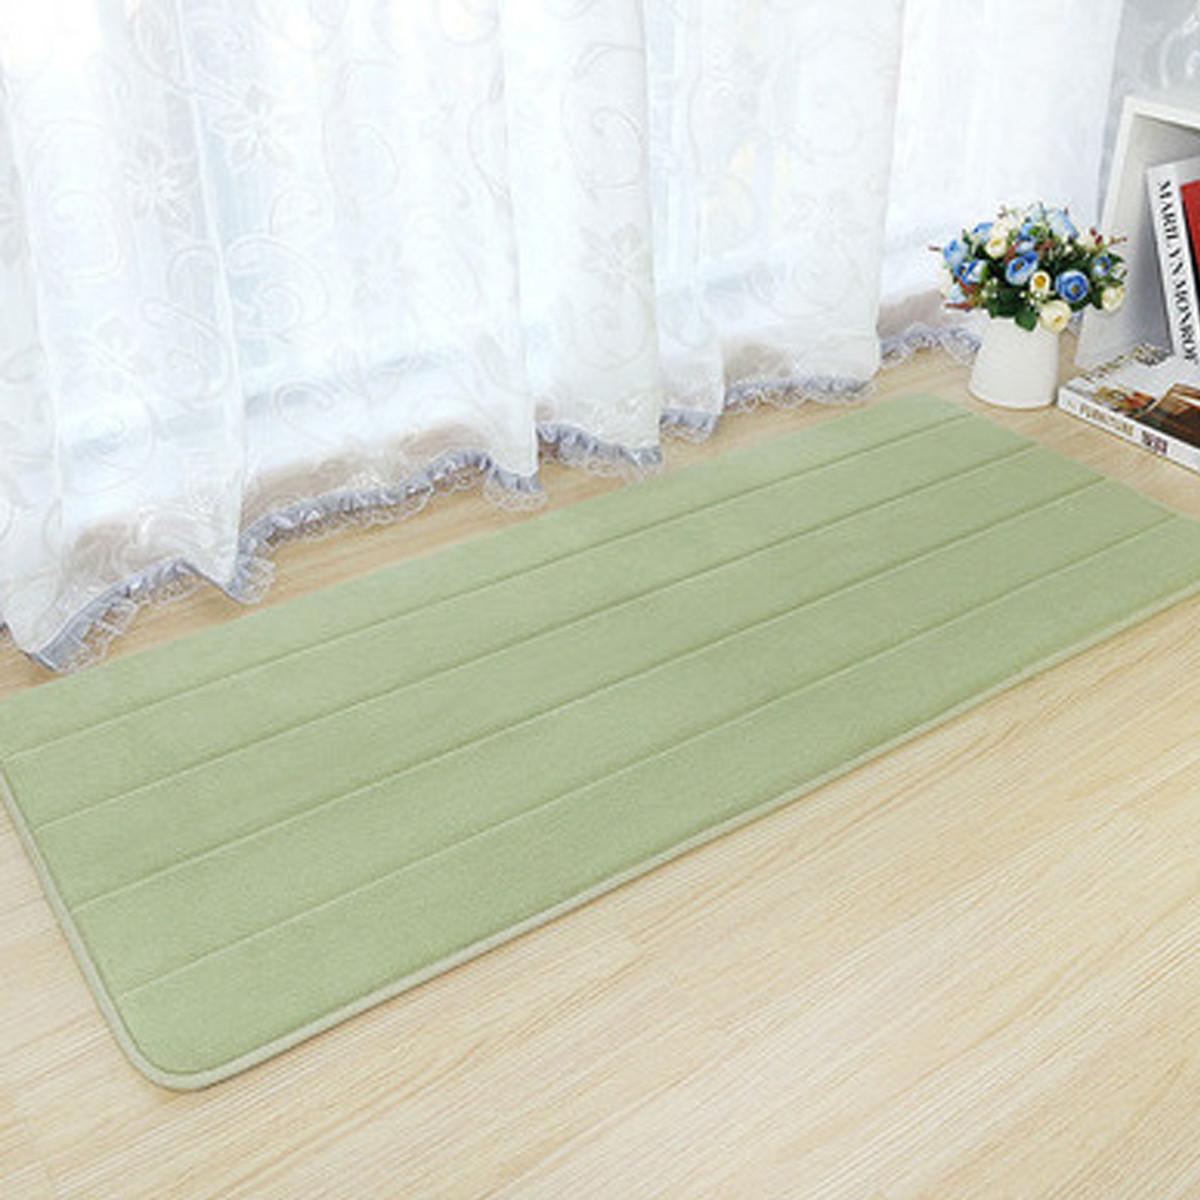 40x120cm Memory Foam Washable Bedroom Floor Pad Non Slip Bath Rug Mat Door Carpet Brown Lazada